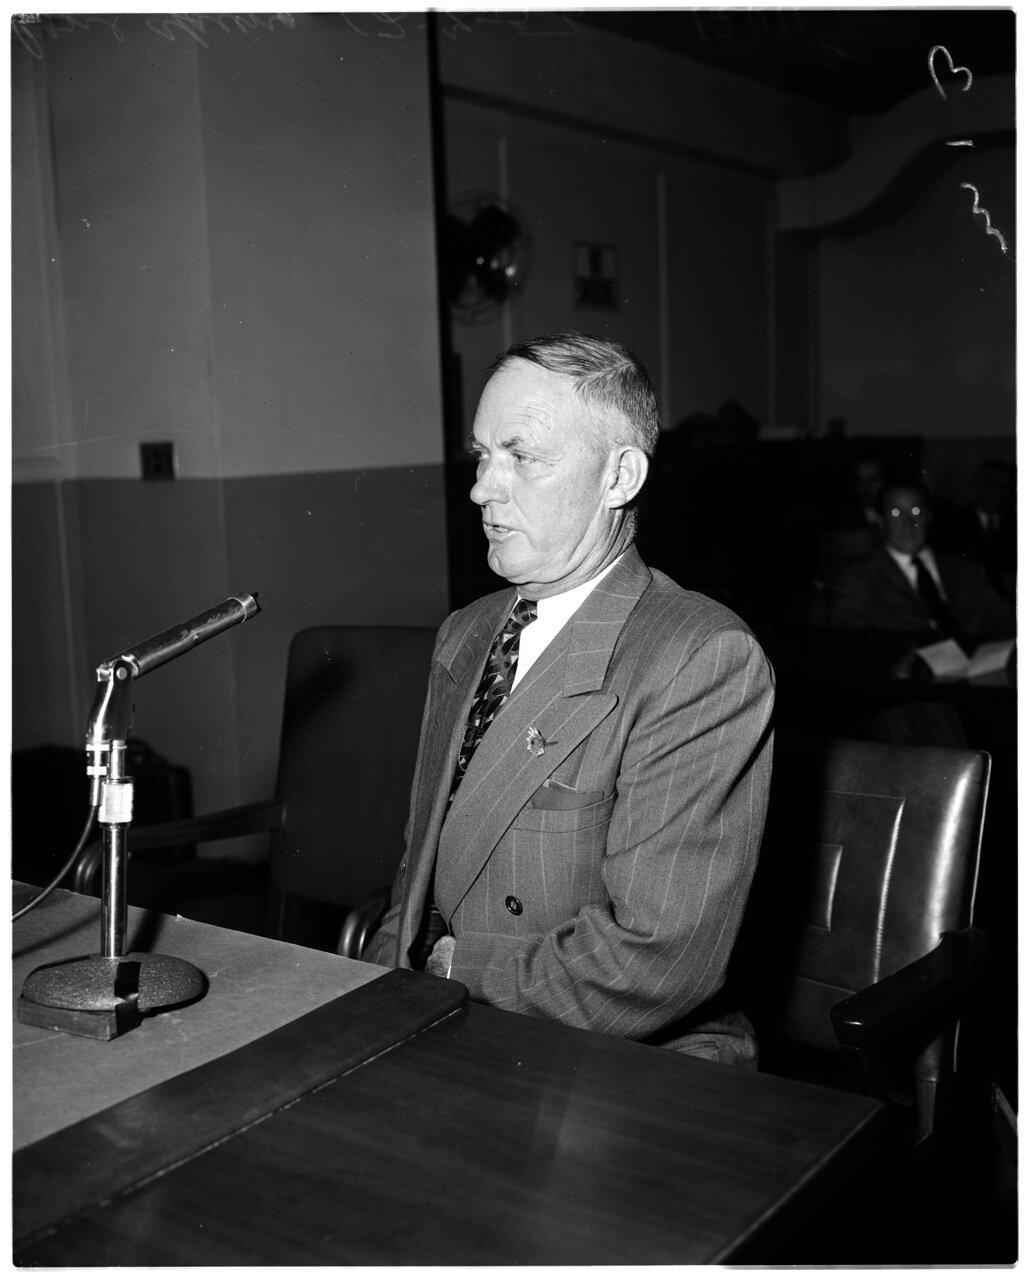 1956. 7 декабря. Комиссия по расследованию антиамериканской деятельности. Джером Лэнд